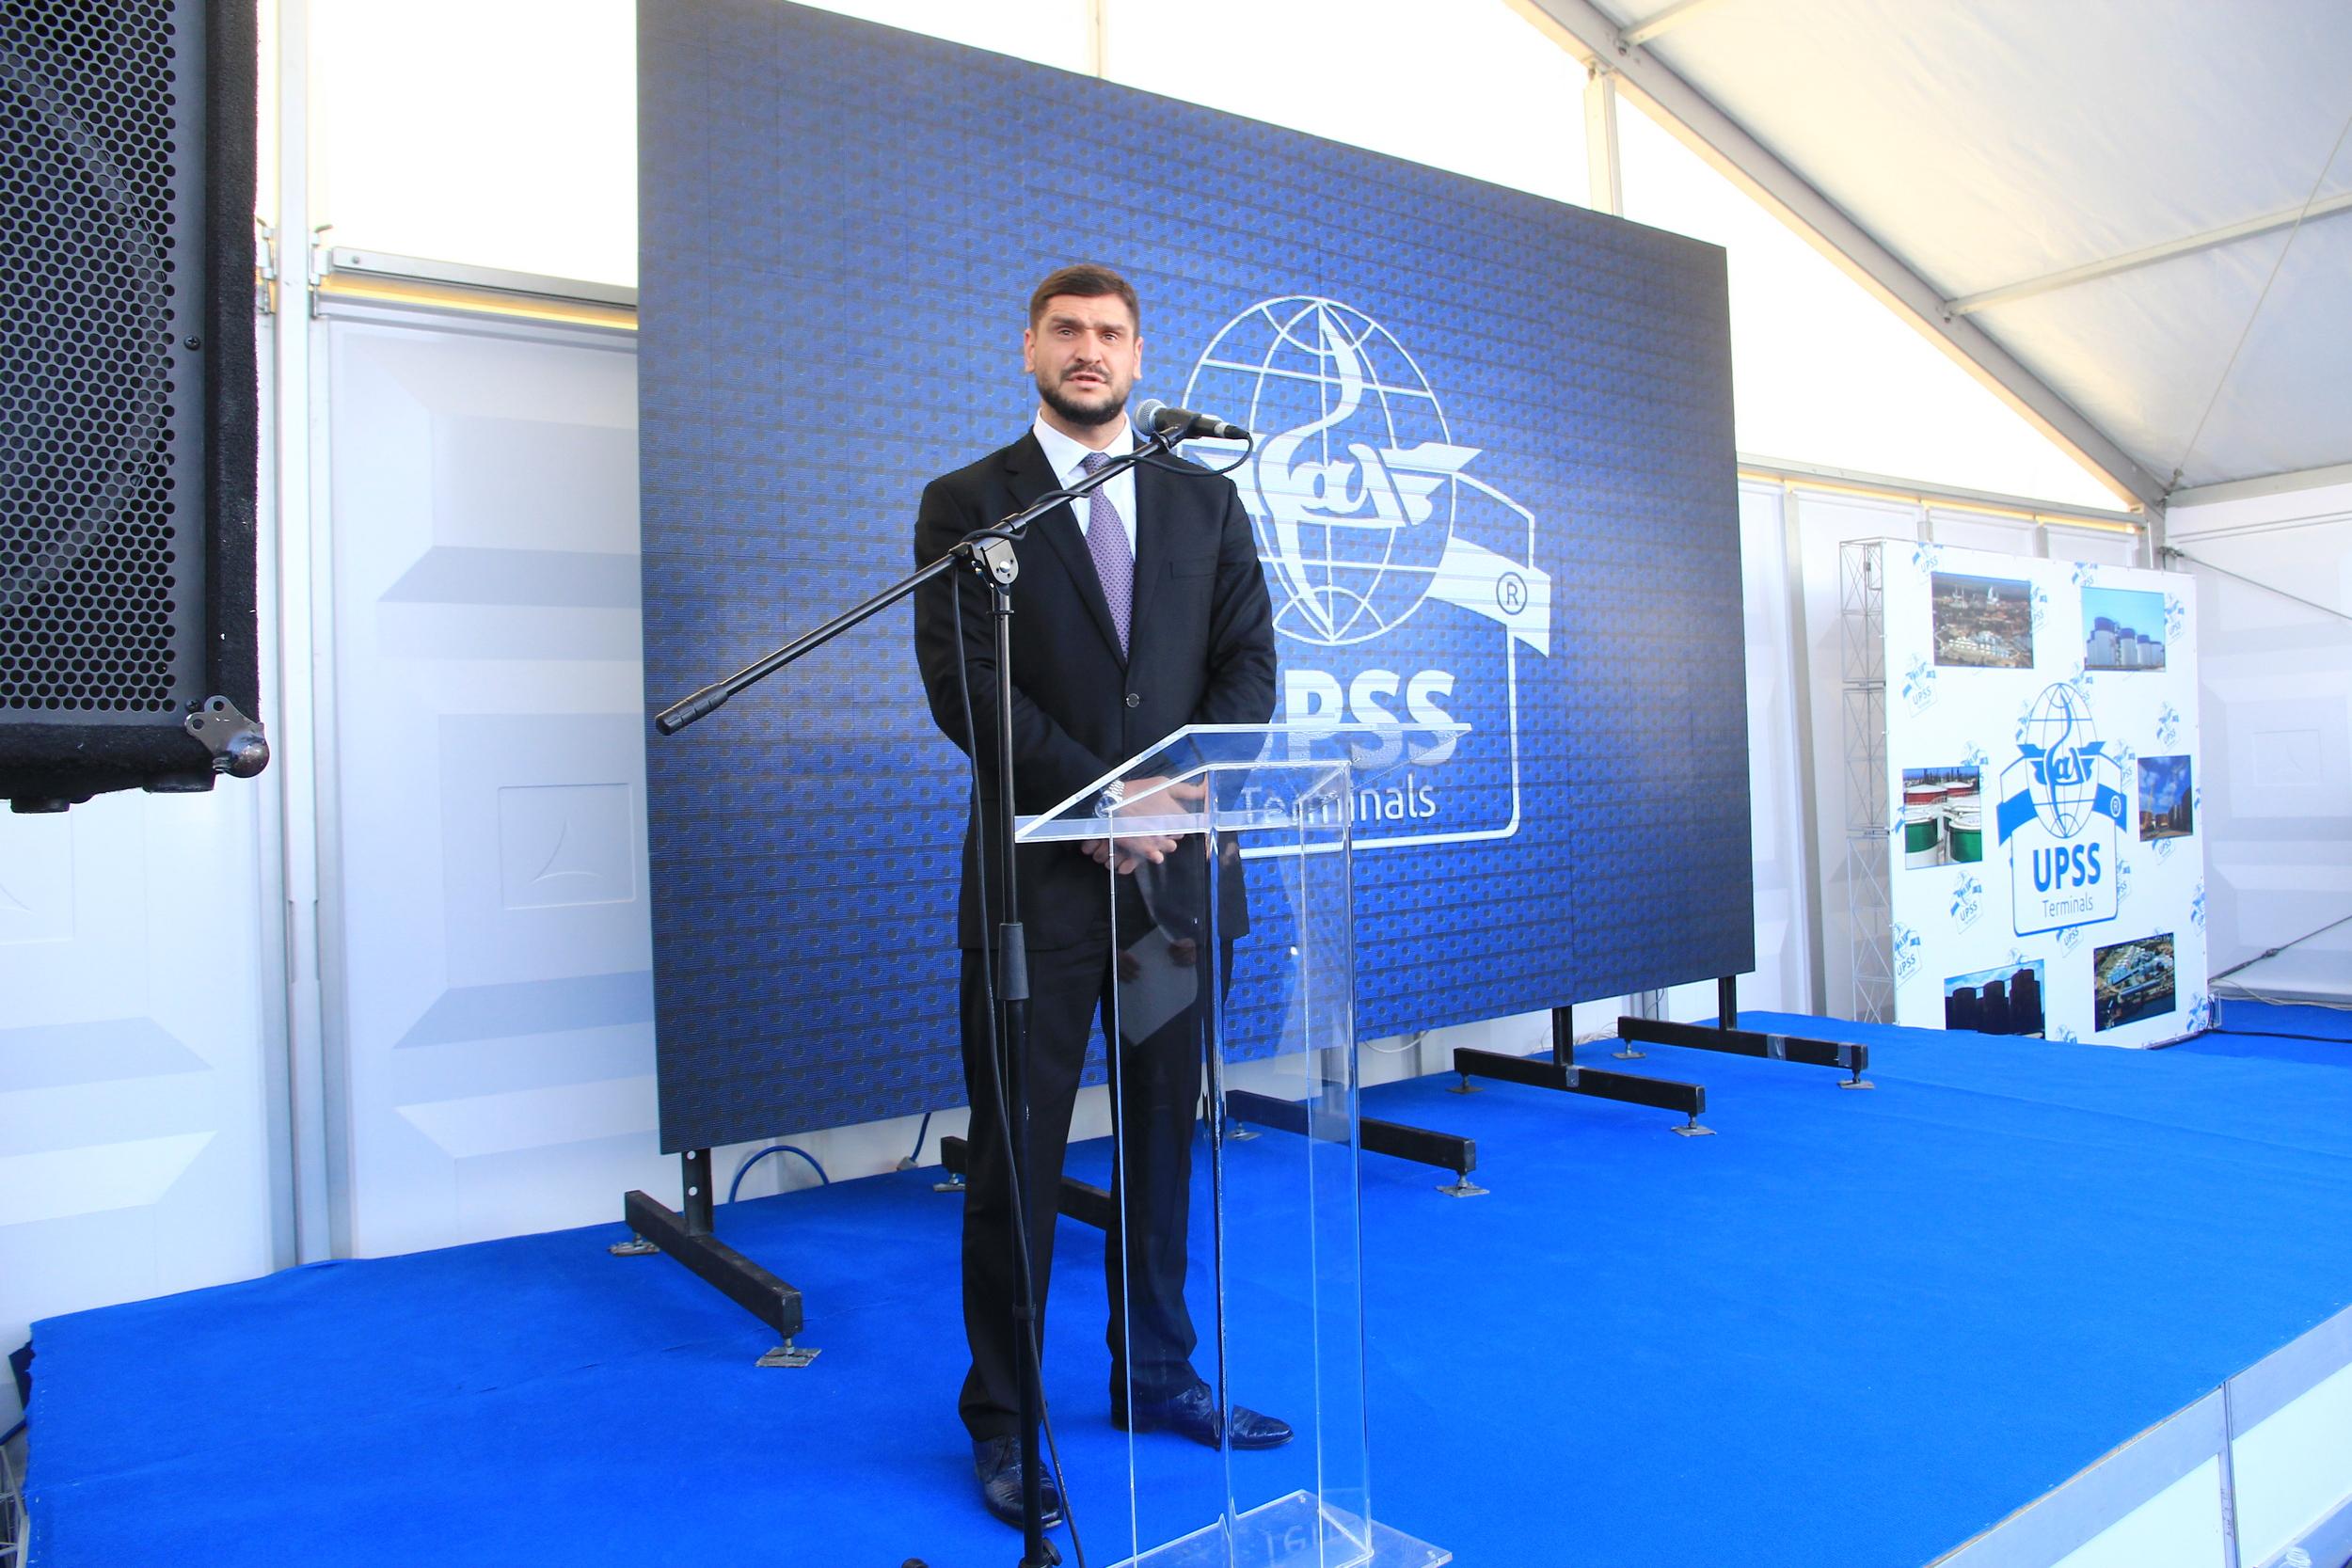 Выступление официального представителя компании UPSS на открытии терминалов Би Хеппи